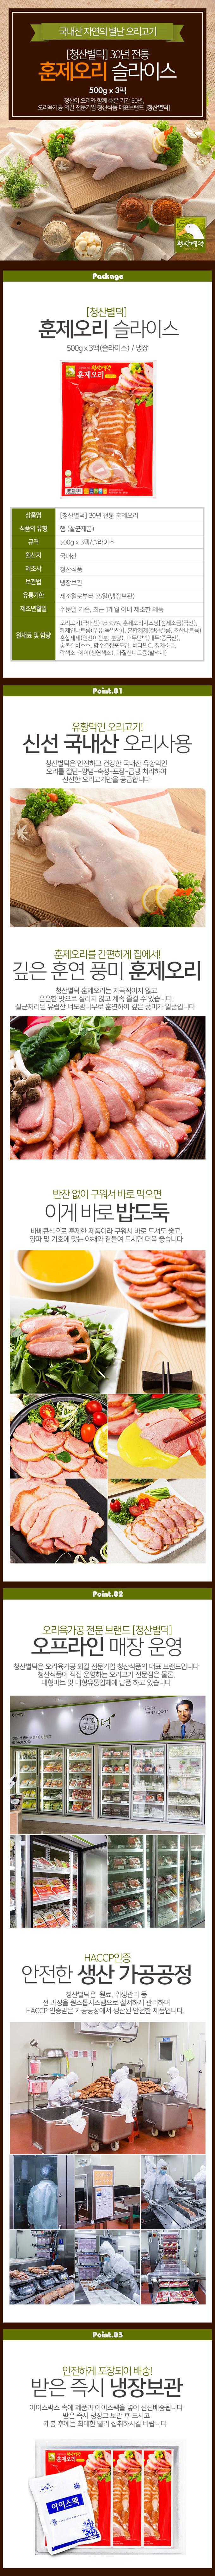 choungsan-duck_hunjeori_500gx3.jpg